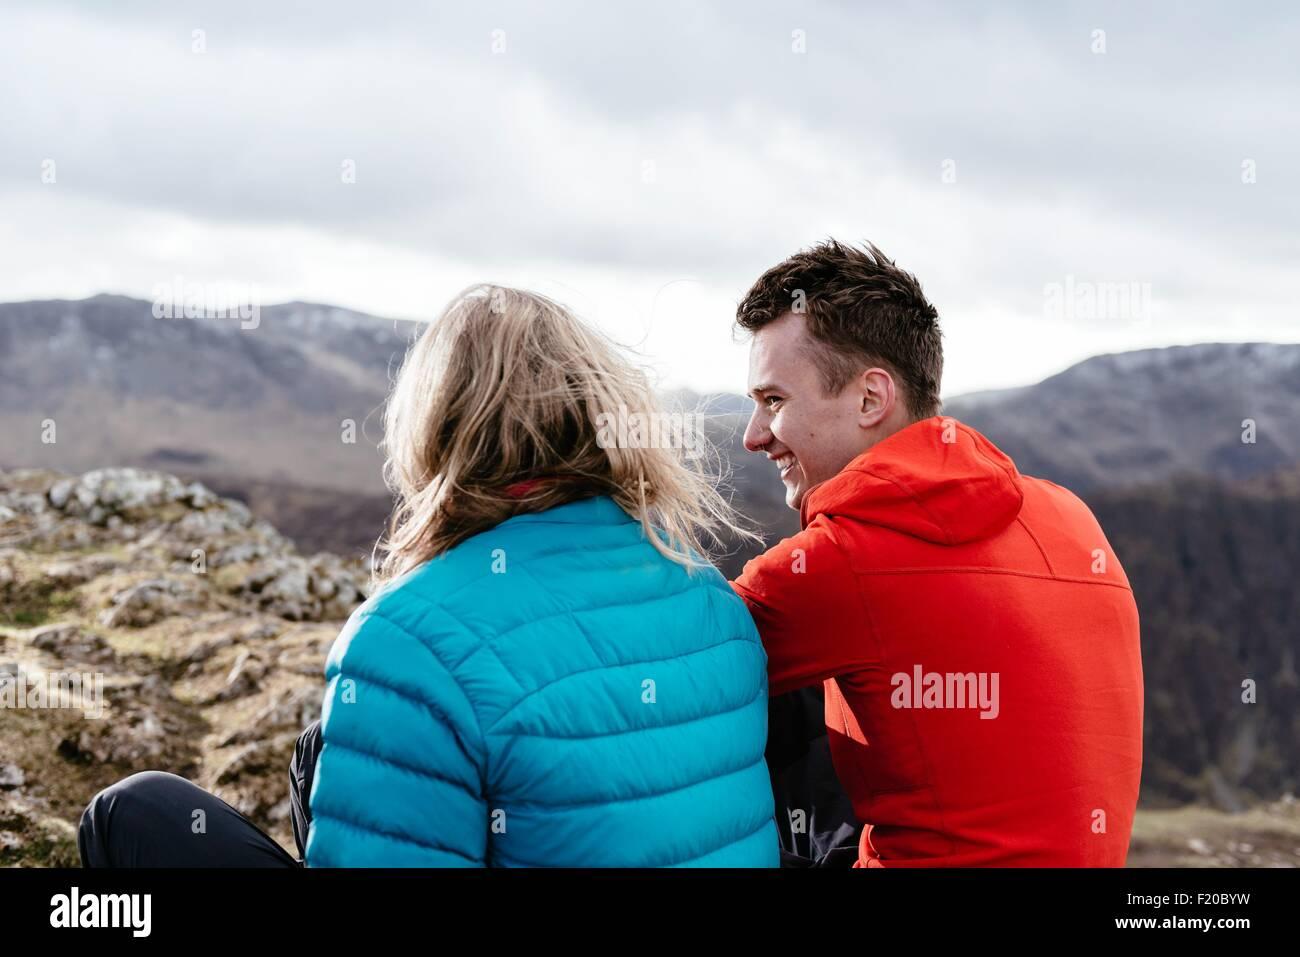 Jeune couple assis sur une colline, vue arrière, Keswick, Lake District, Cumbria, Royaume-Uni Photo Stock